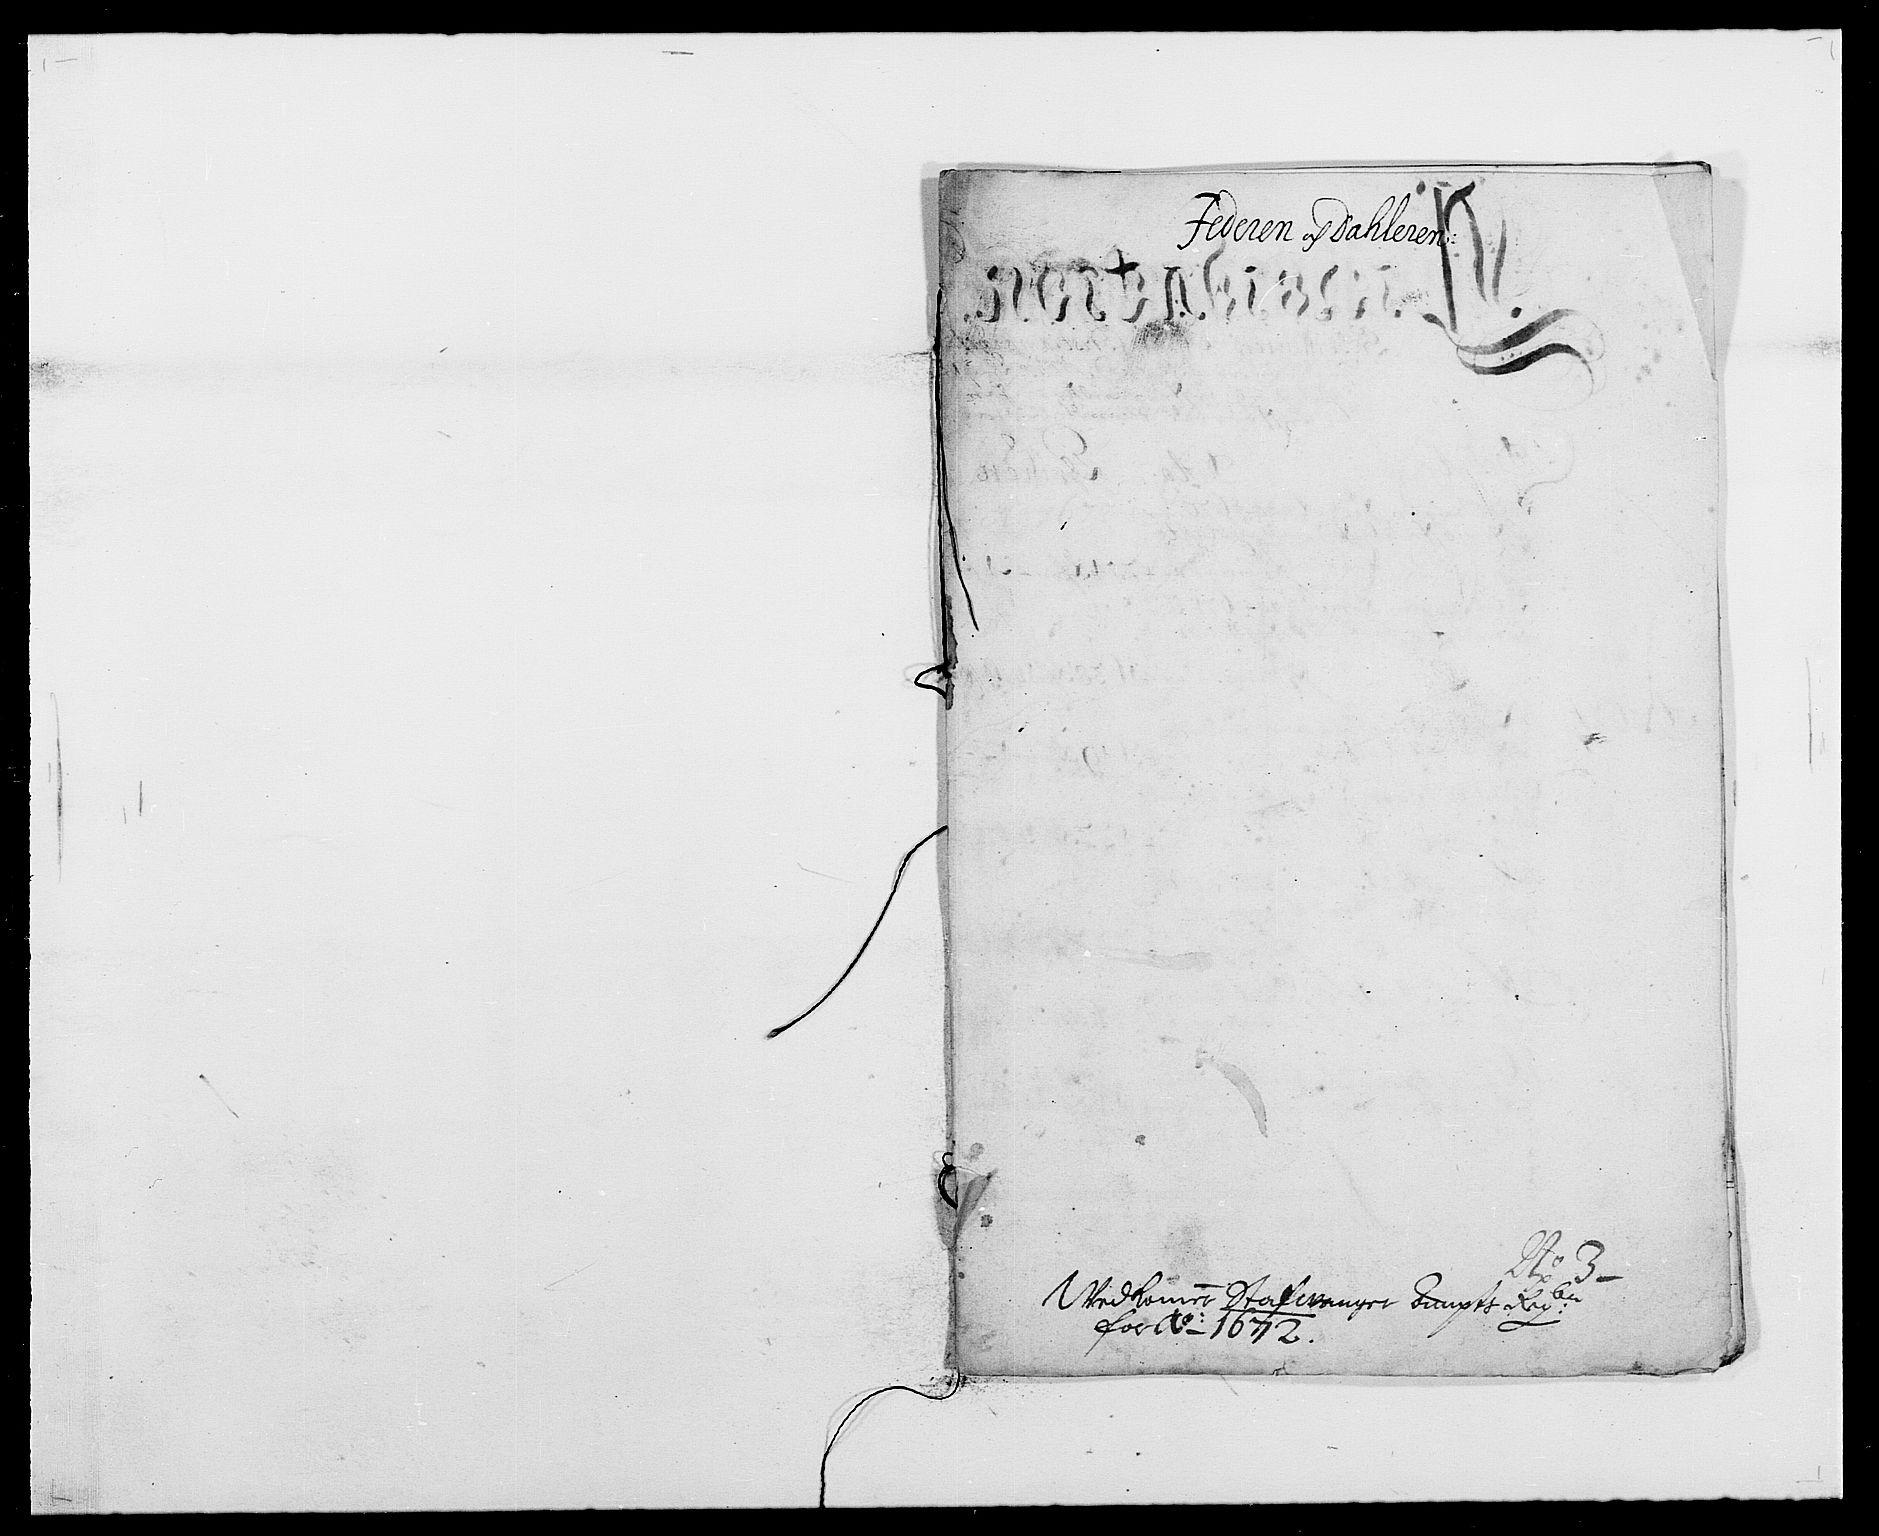 RA, Rentekammeret inntil 1814, Reviderte regnskaper, Fogderegnskap, R46/L2713: Fogderegnskap Jæren og Dalane, 1671-1672, s. 275